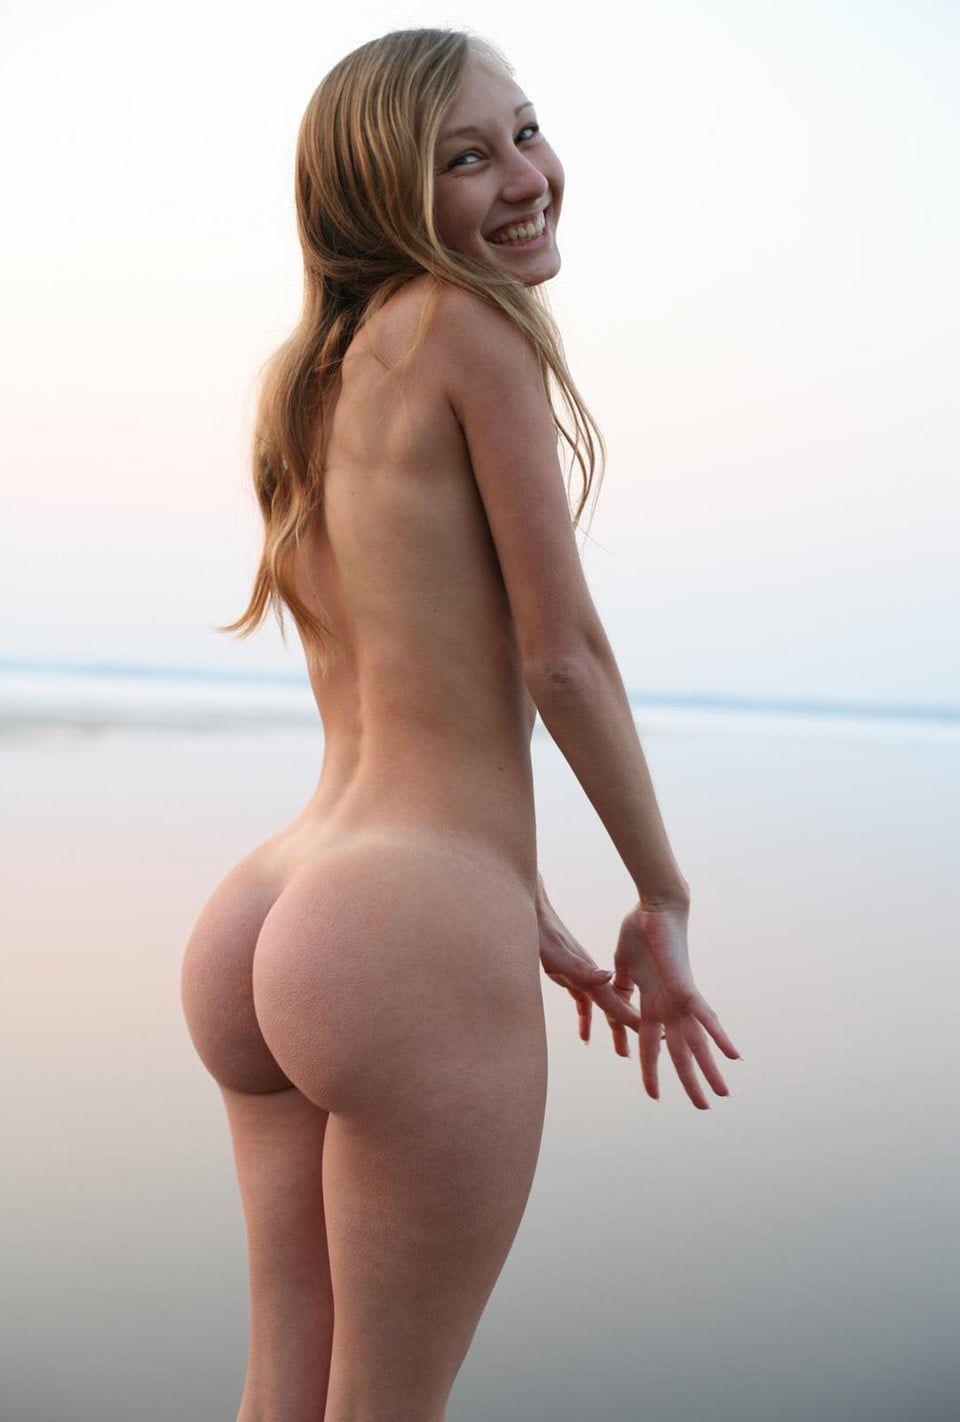 Подборка крупных задниц худощавых красоток